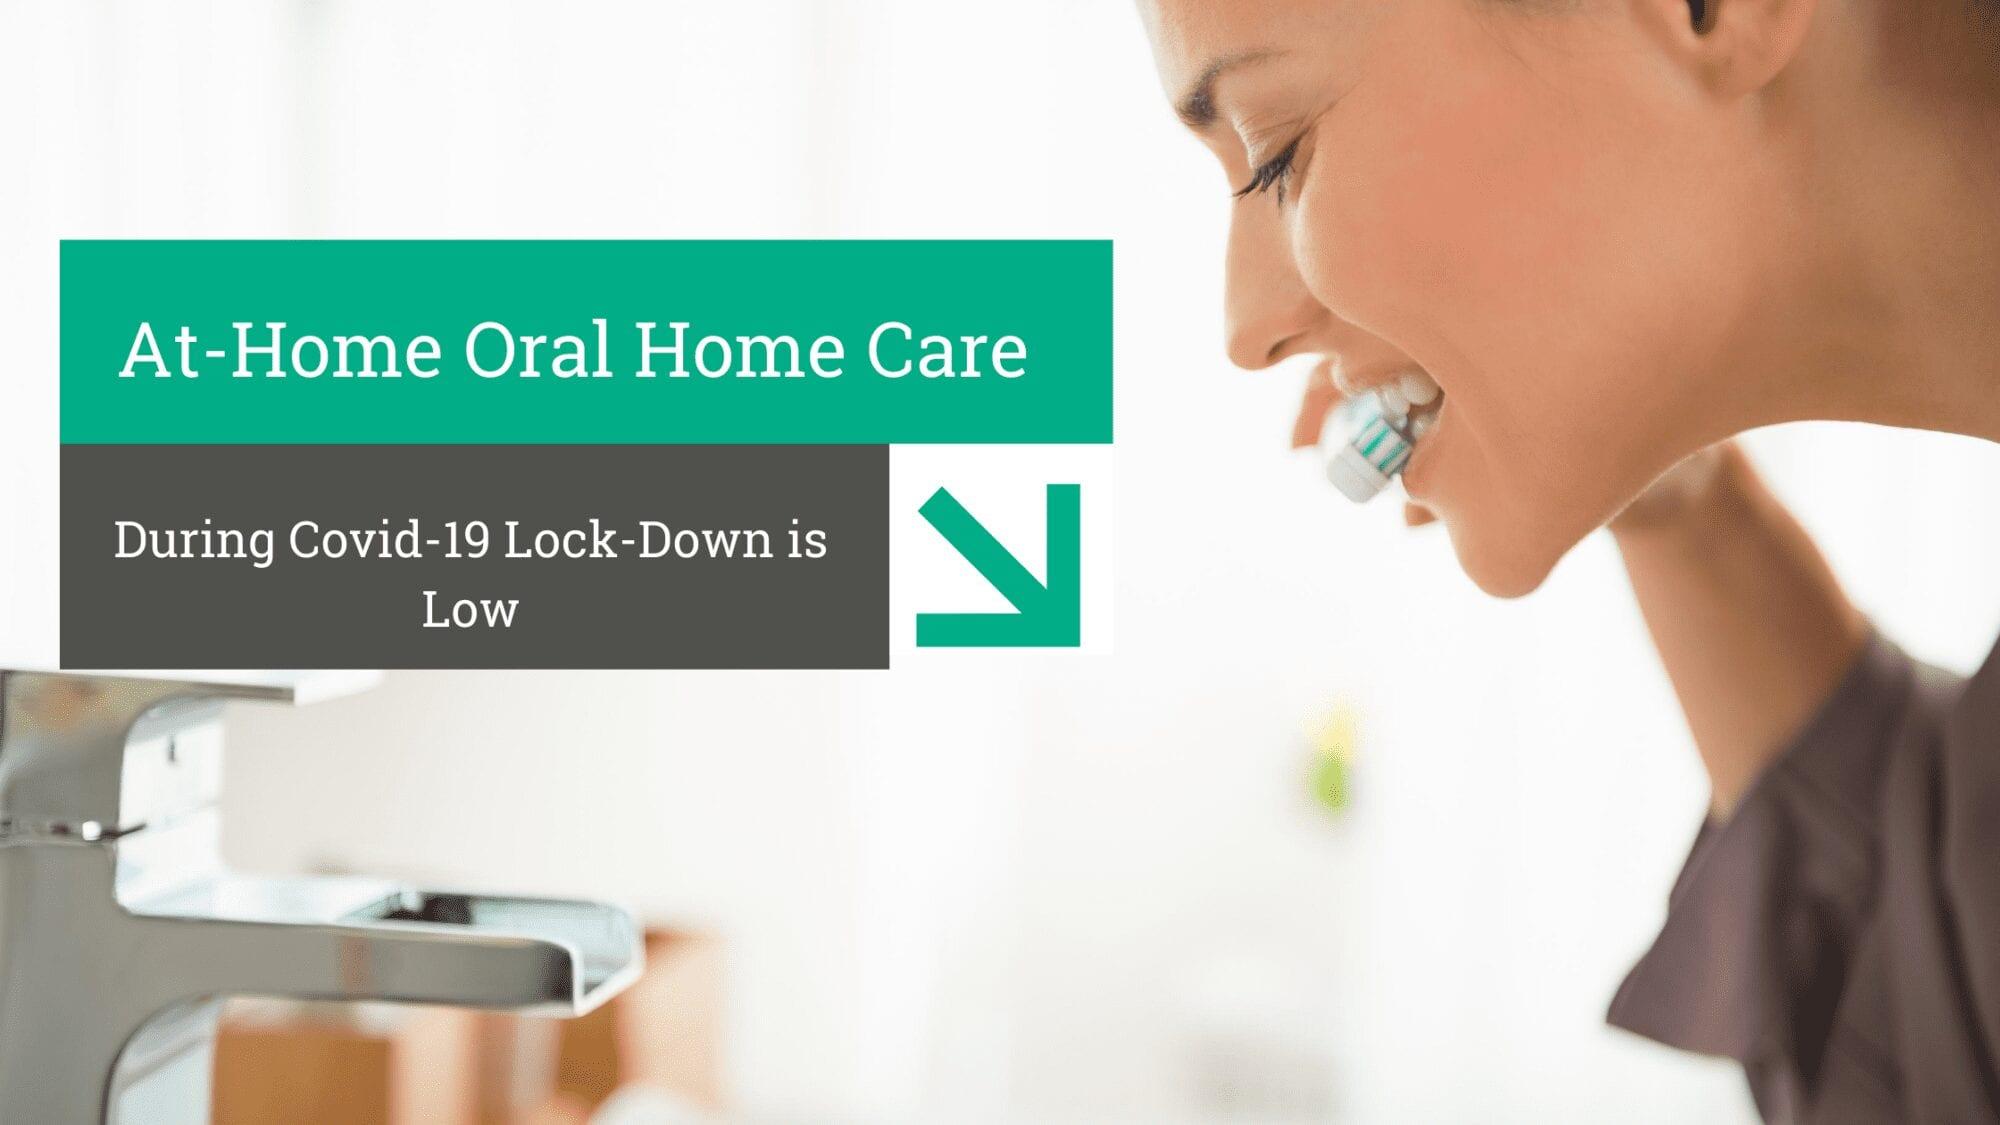 Oral Home Care